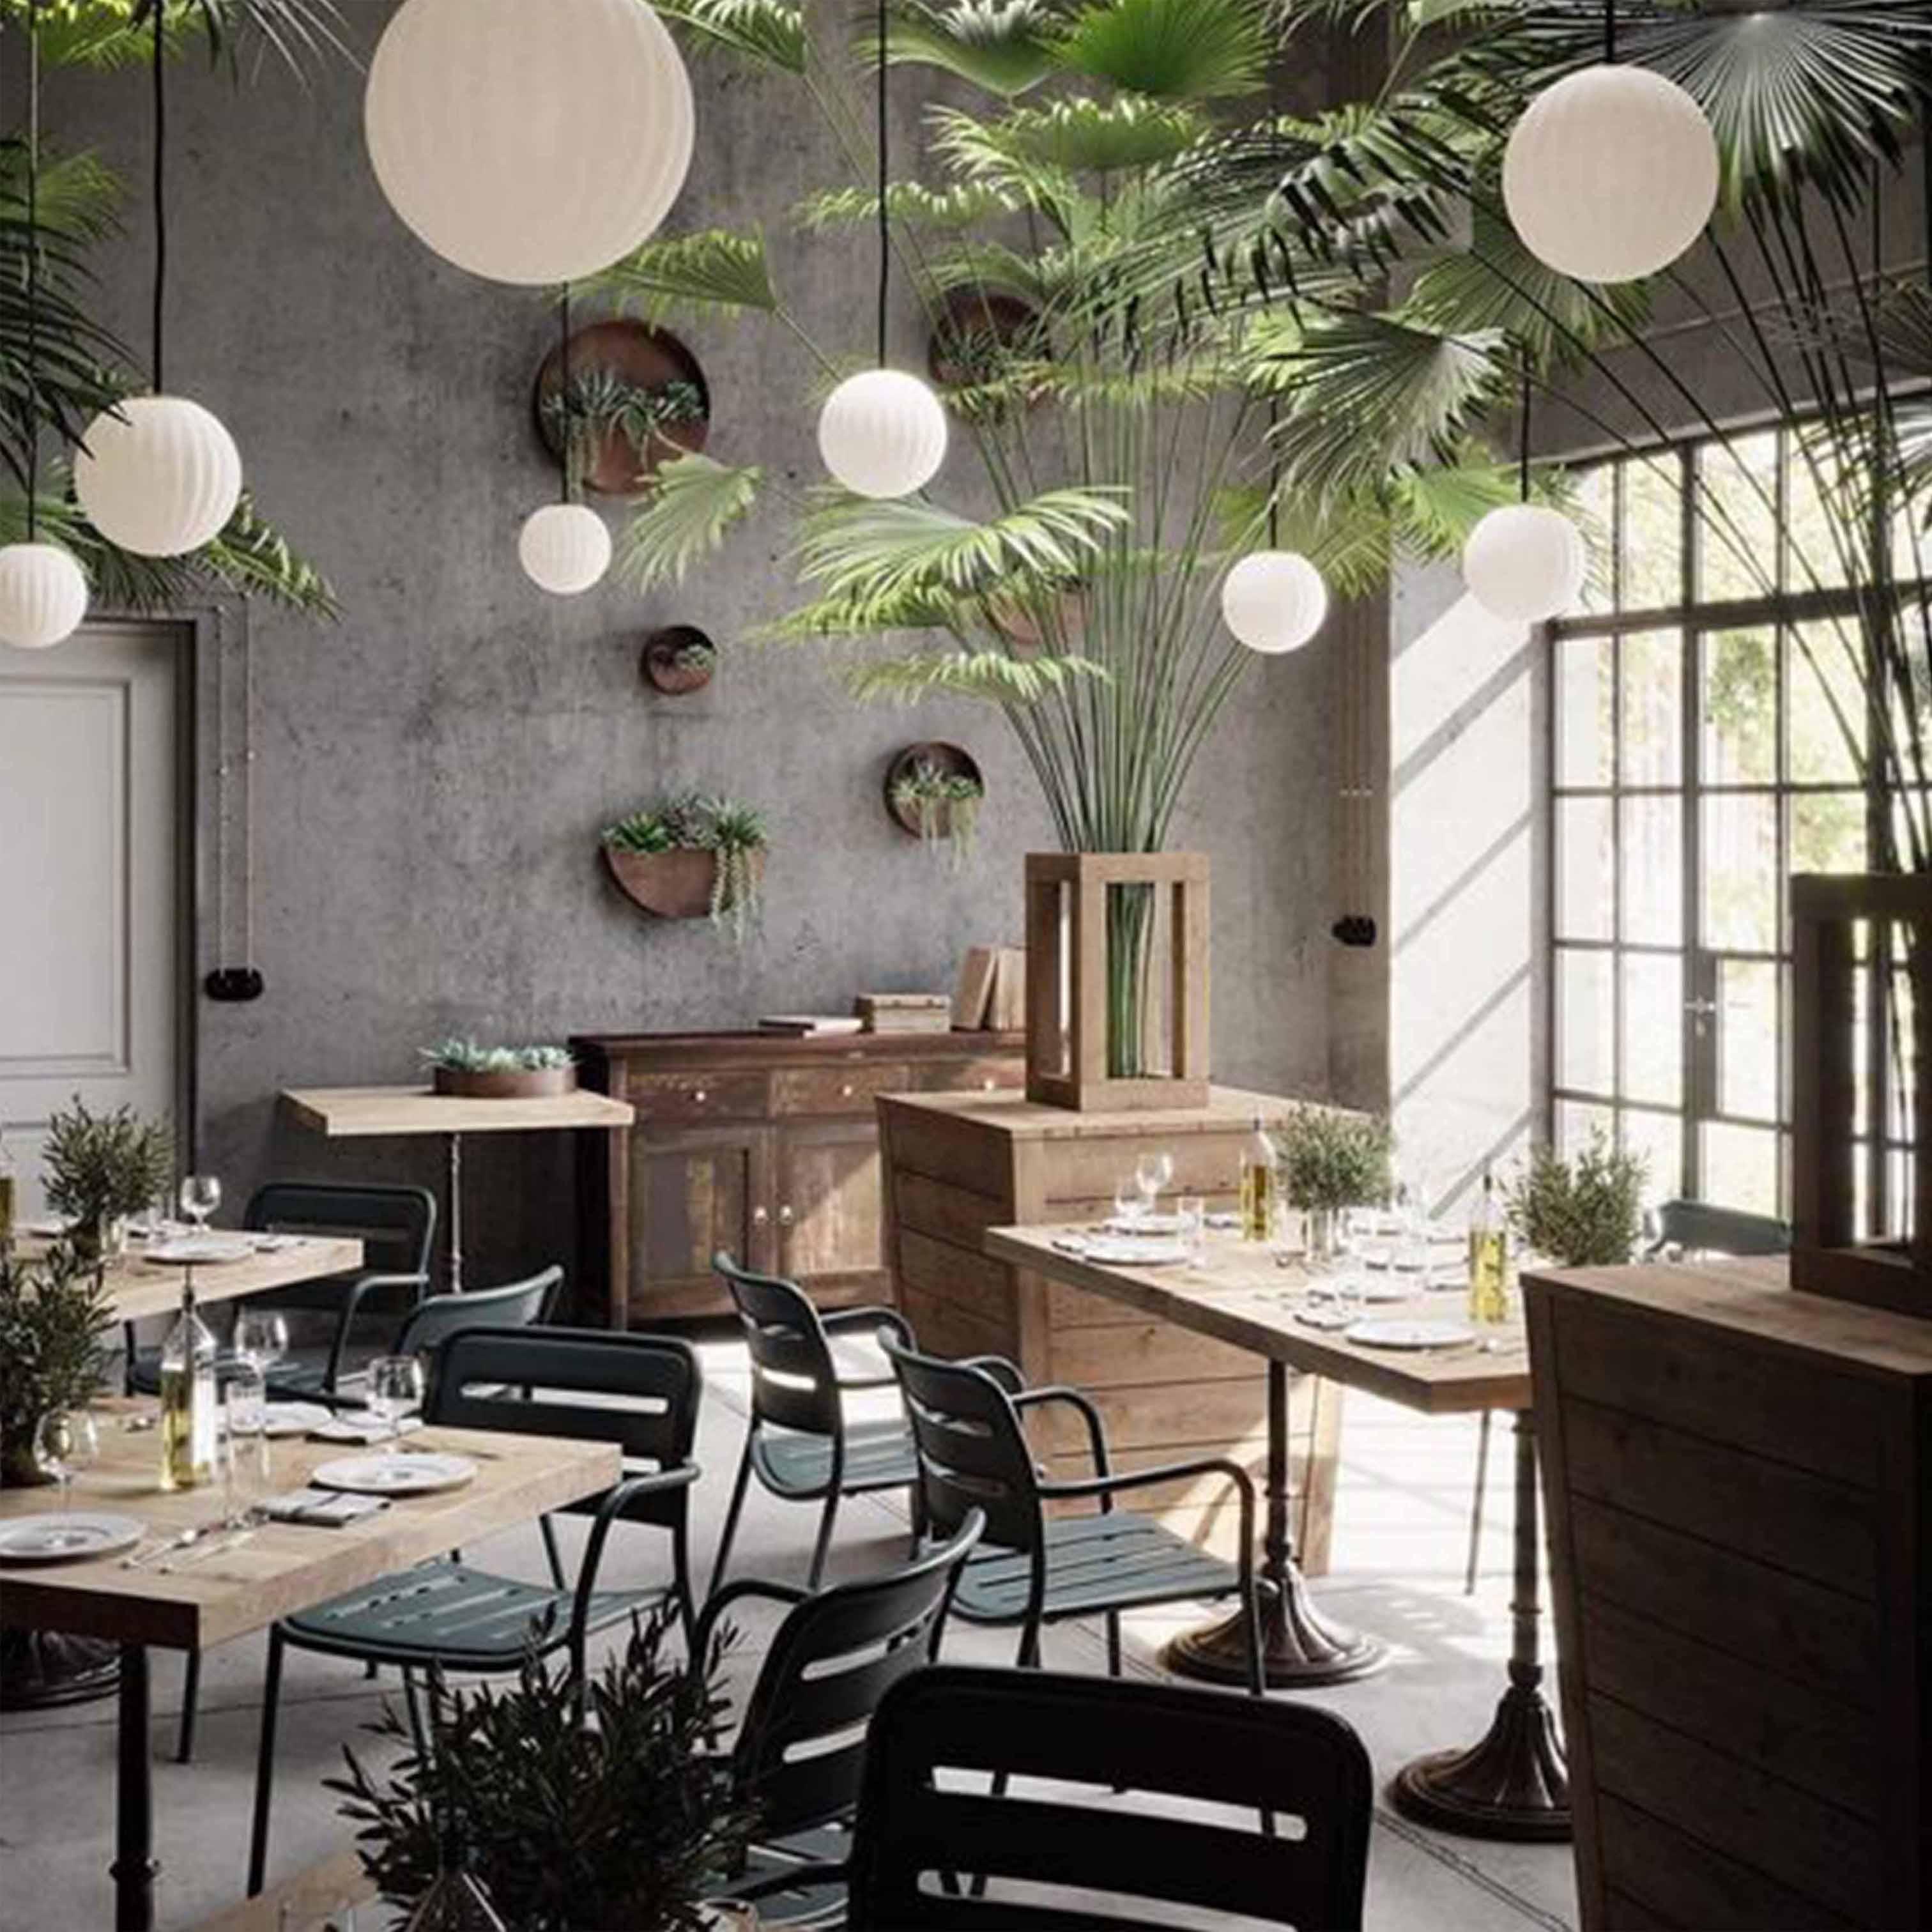 Thiết kế nội thất quán café theo phong cách Tân Cổ Điển - TK25LHFU